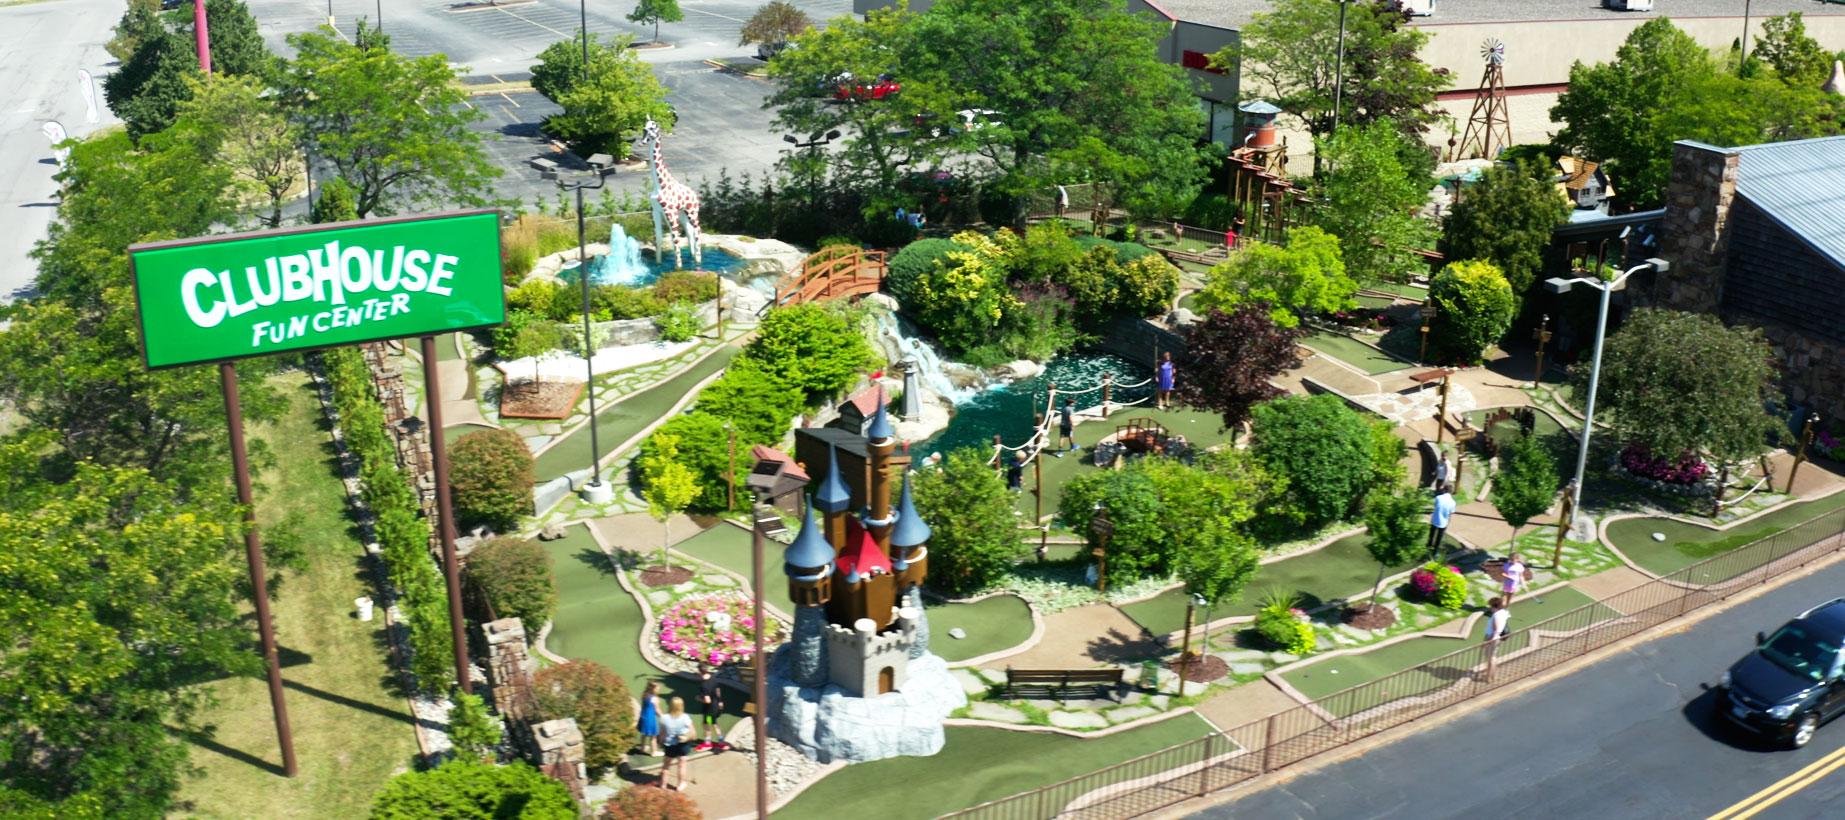 Clubhouse Fun Center in Henrietta NY